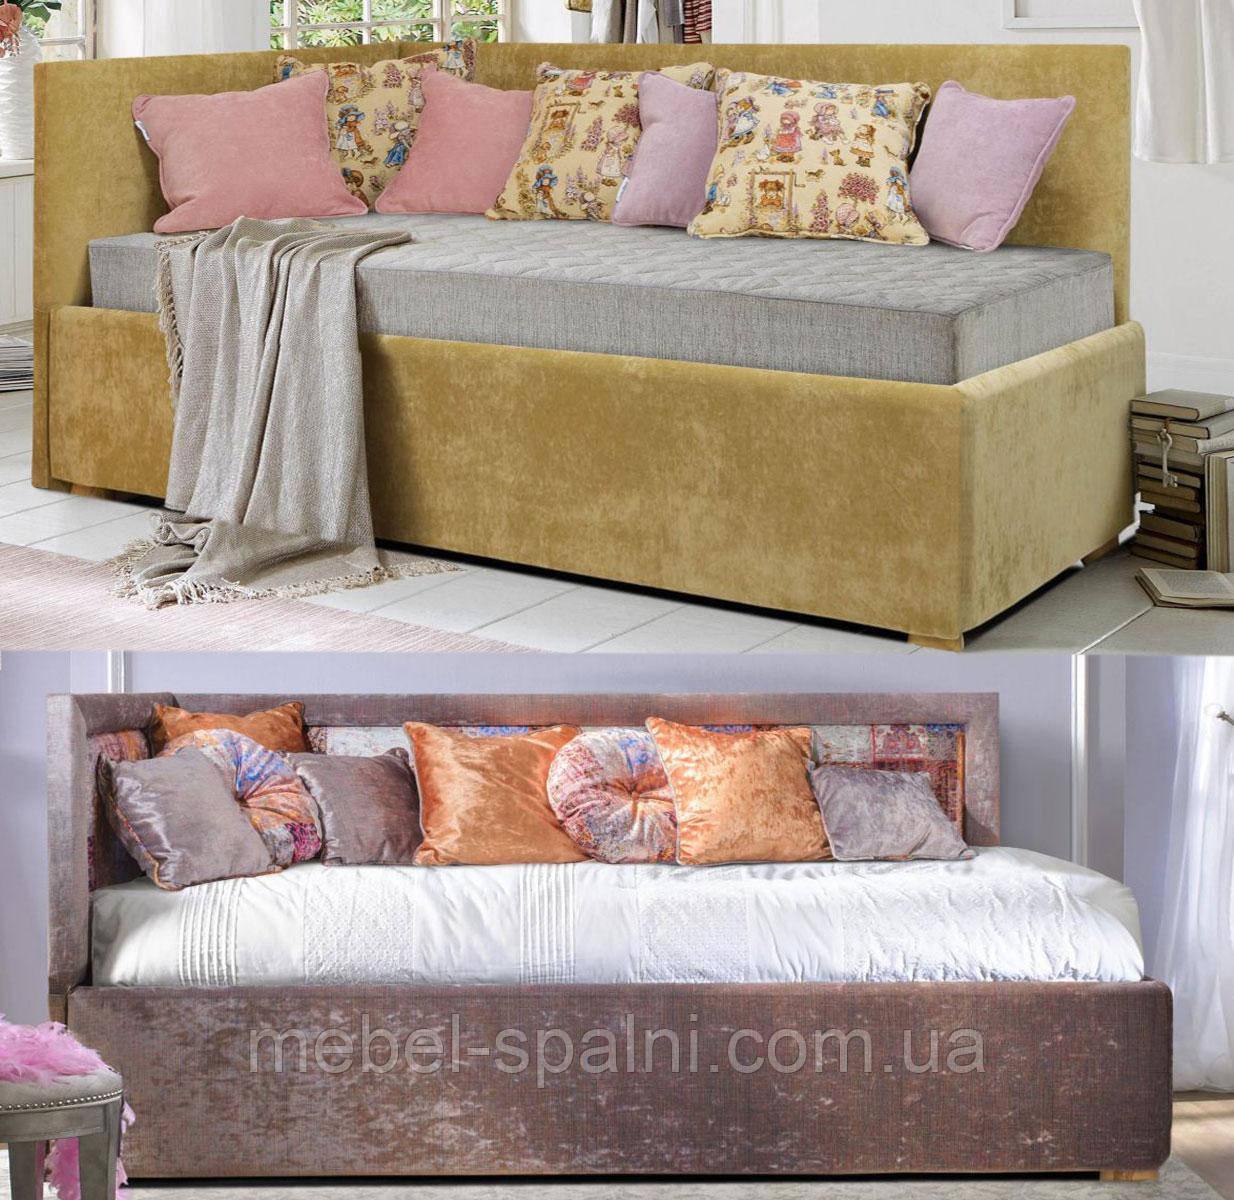 Кровать мягкая деревянная «Алиса»